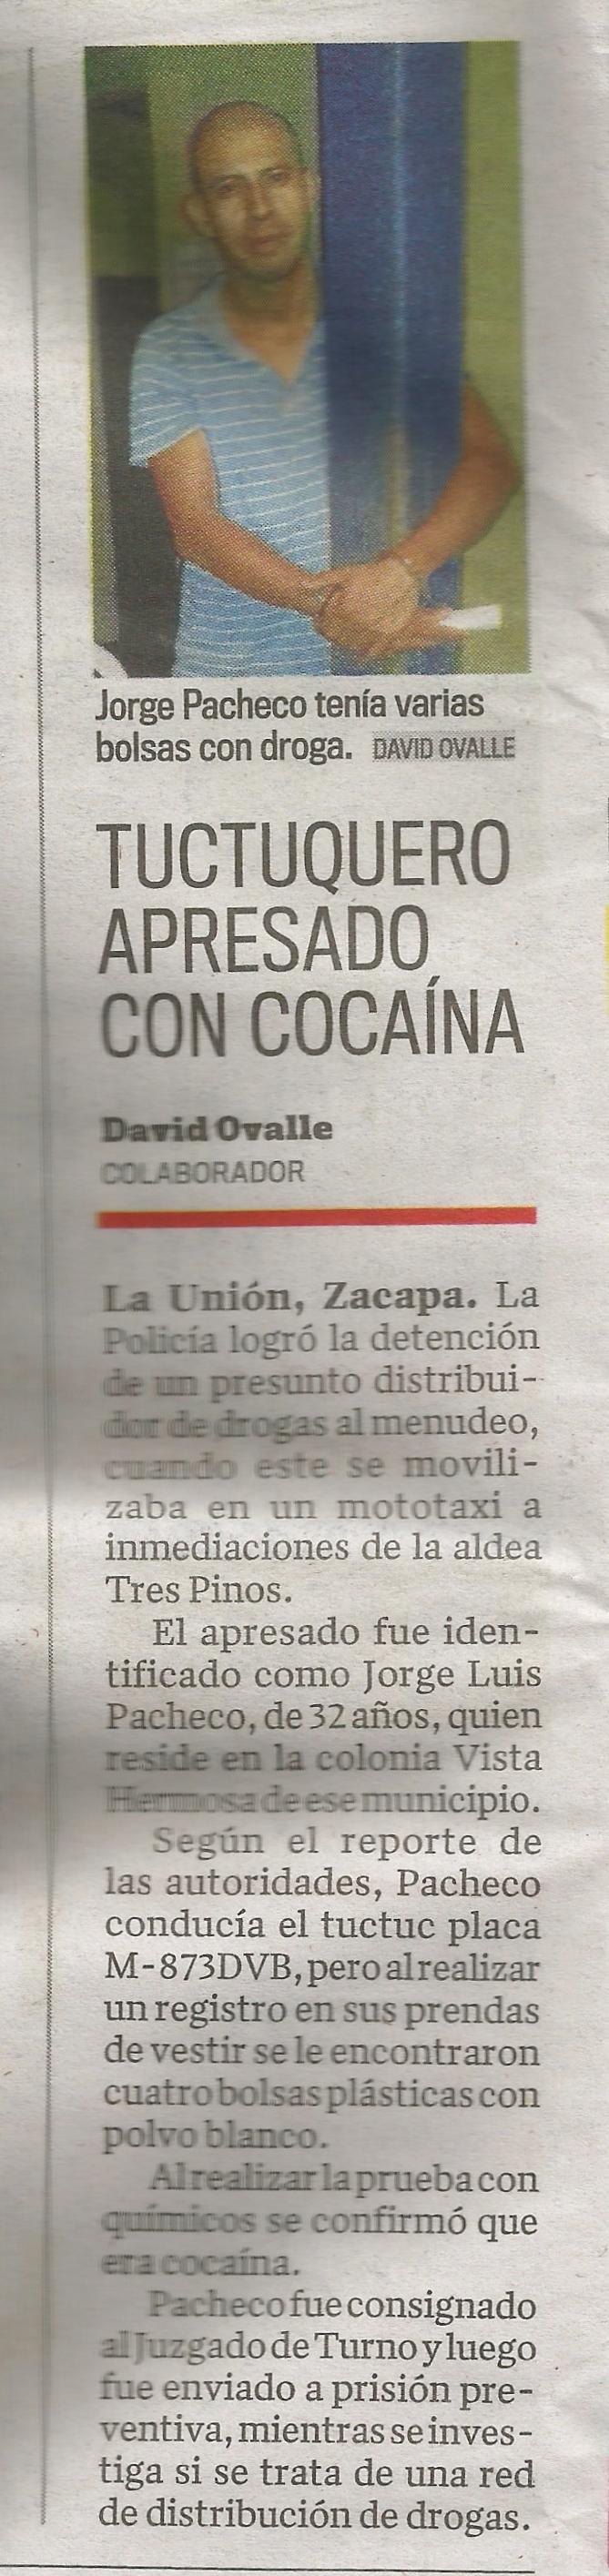 Diario coban 8